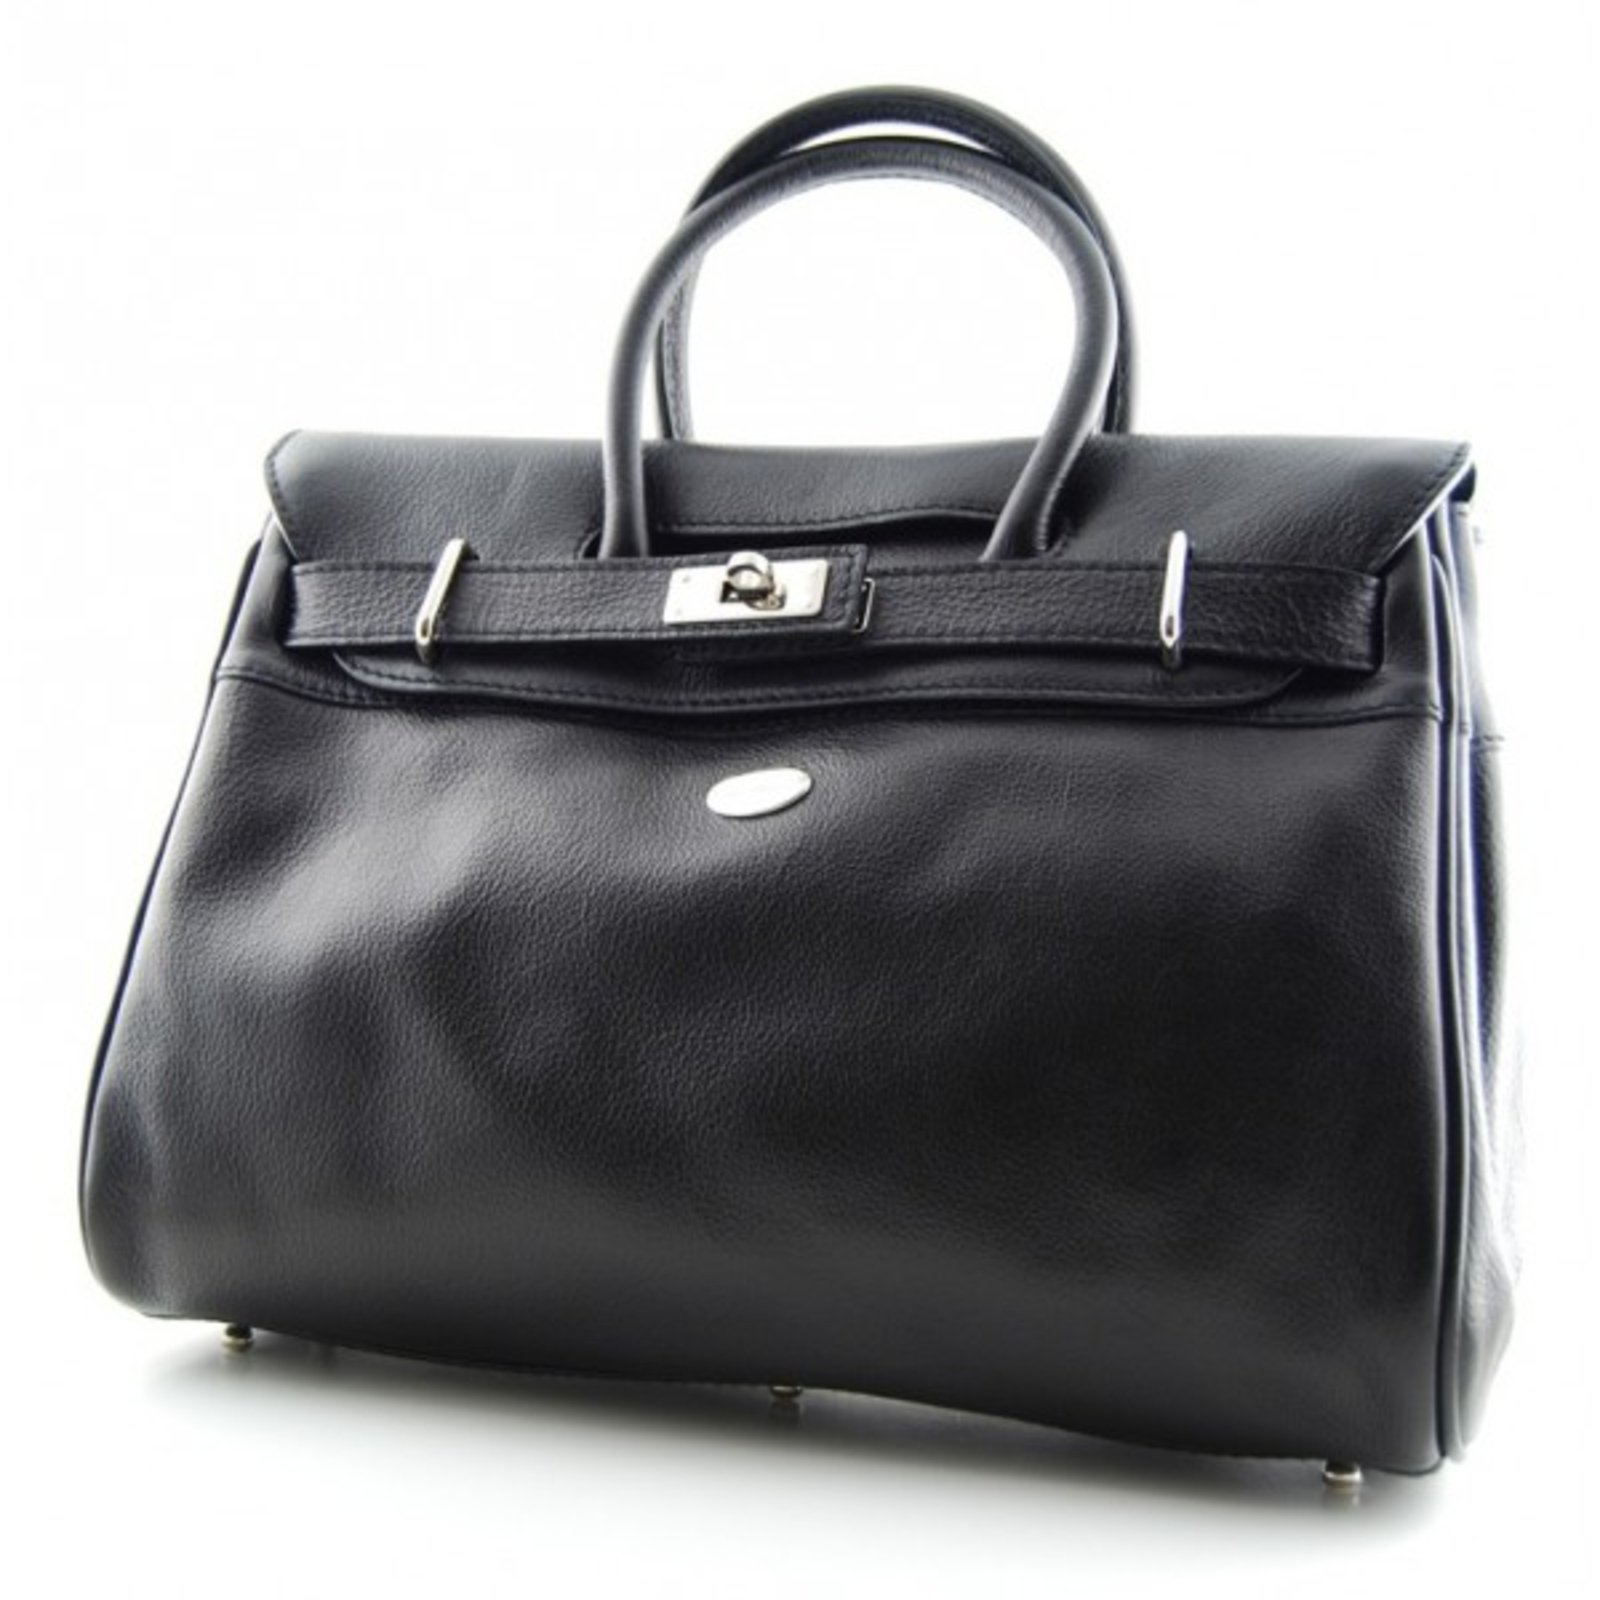 sacs main mac douglas pyla m cuir noir joli closet. Black Bedroom Furniture Sets. Home Design Ideas